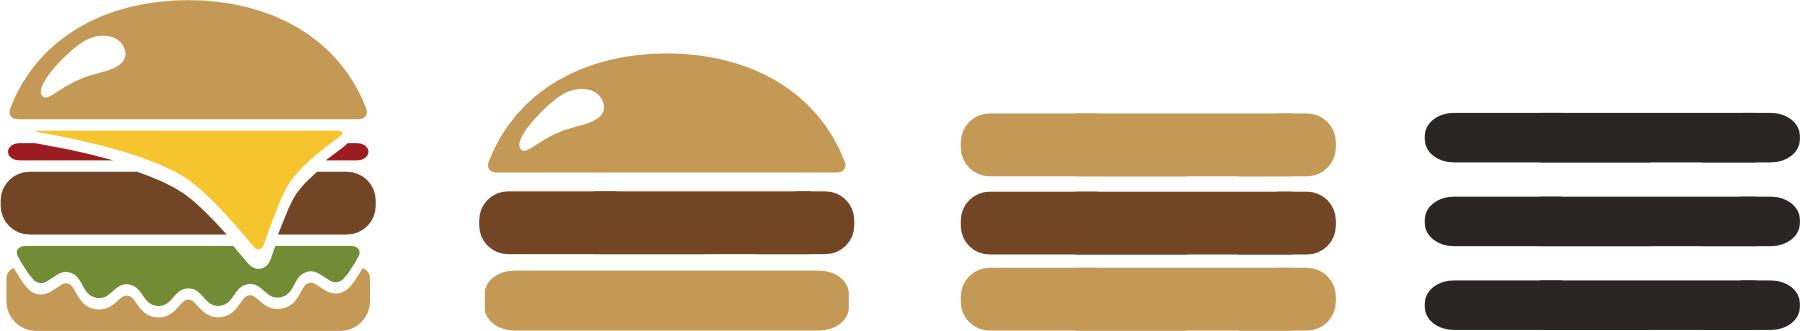 Vom Hamburger zur Menü-Navigation